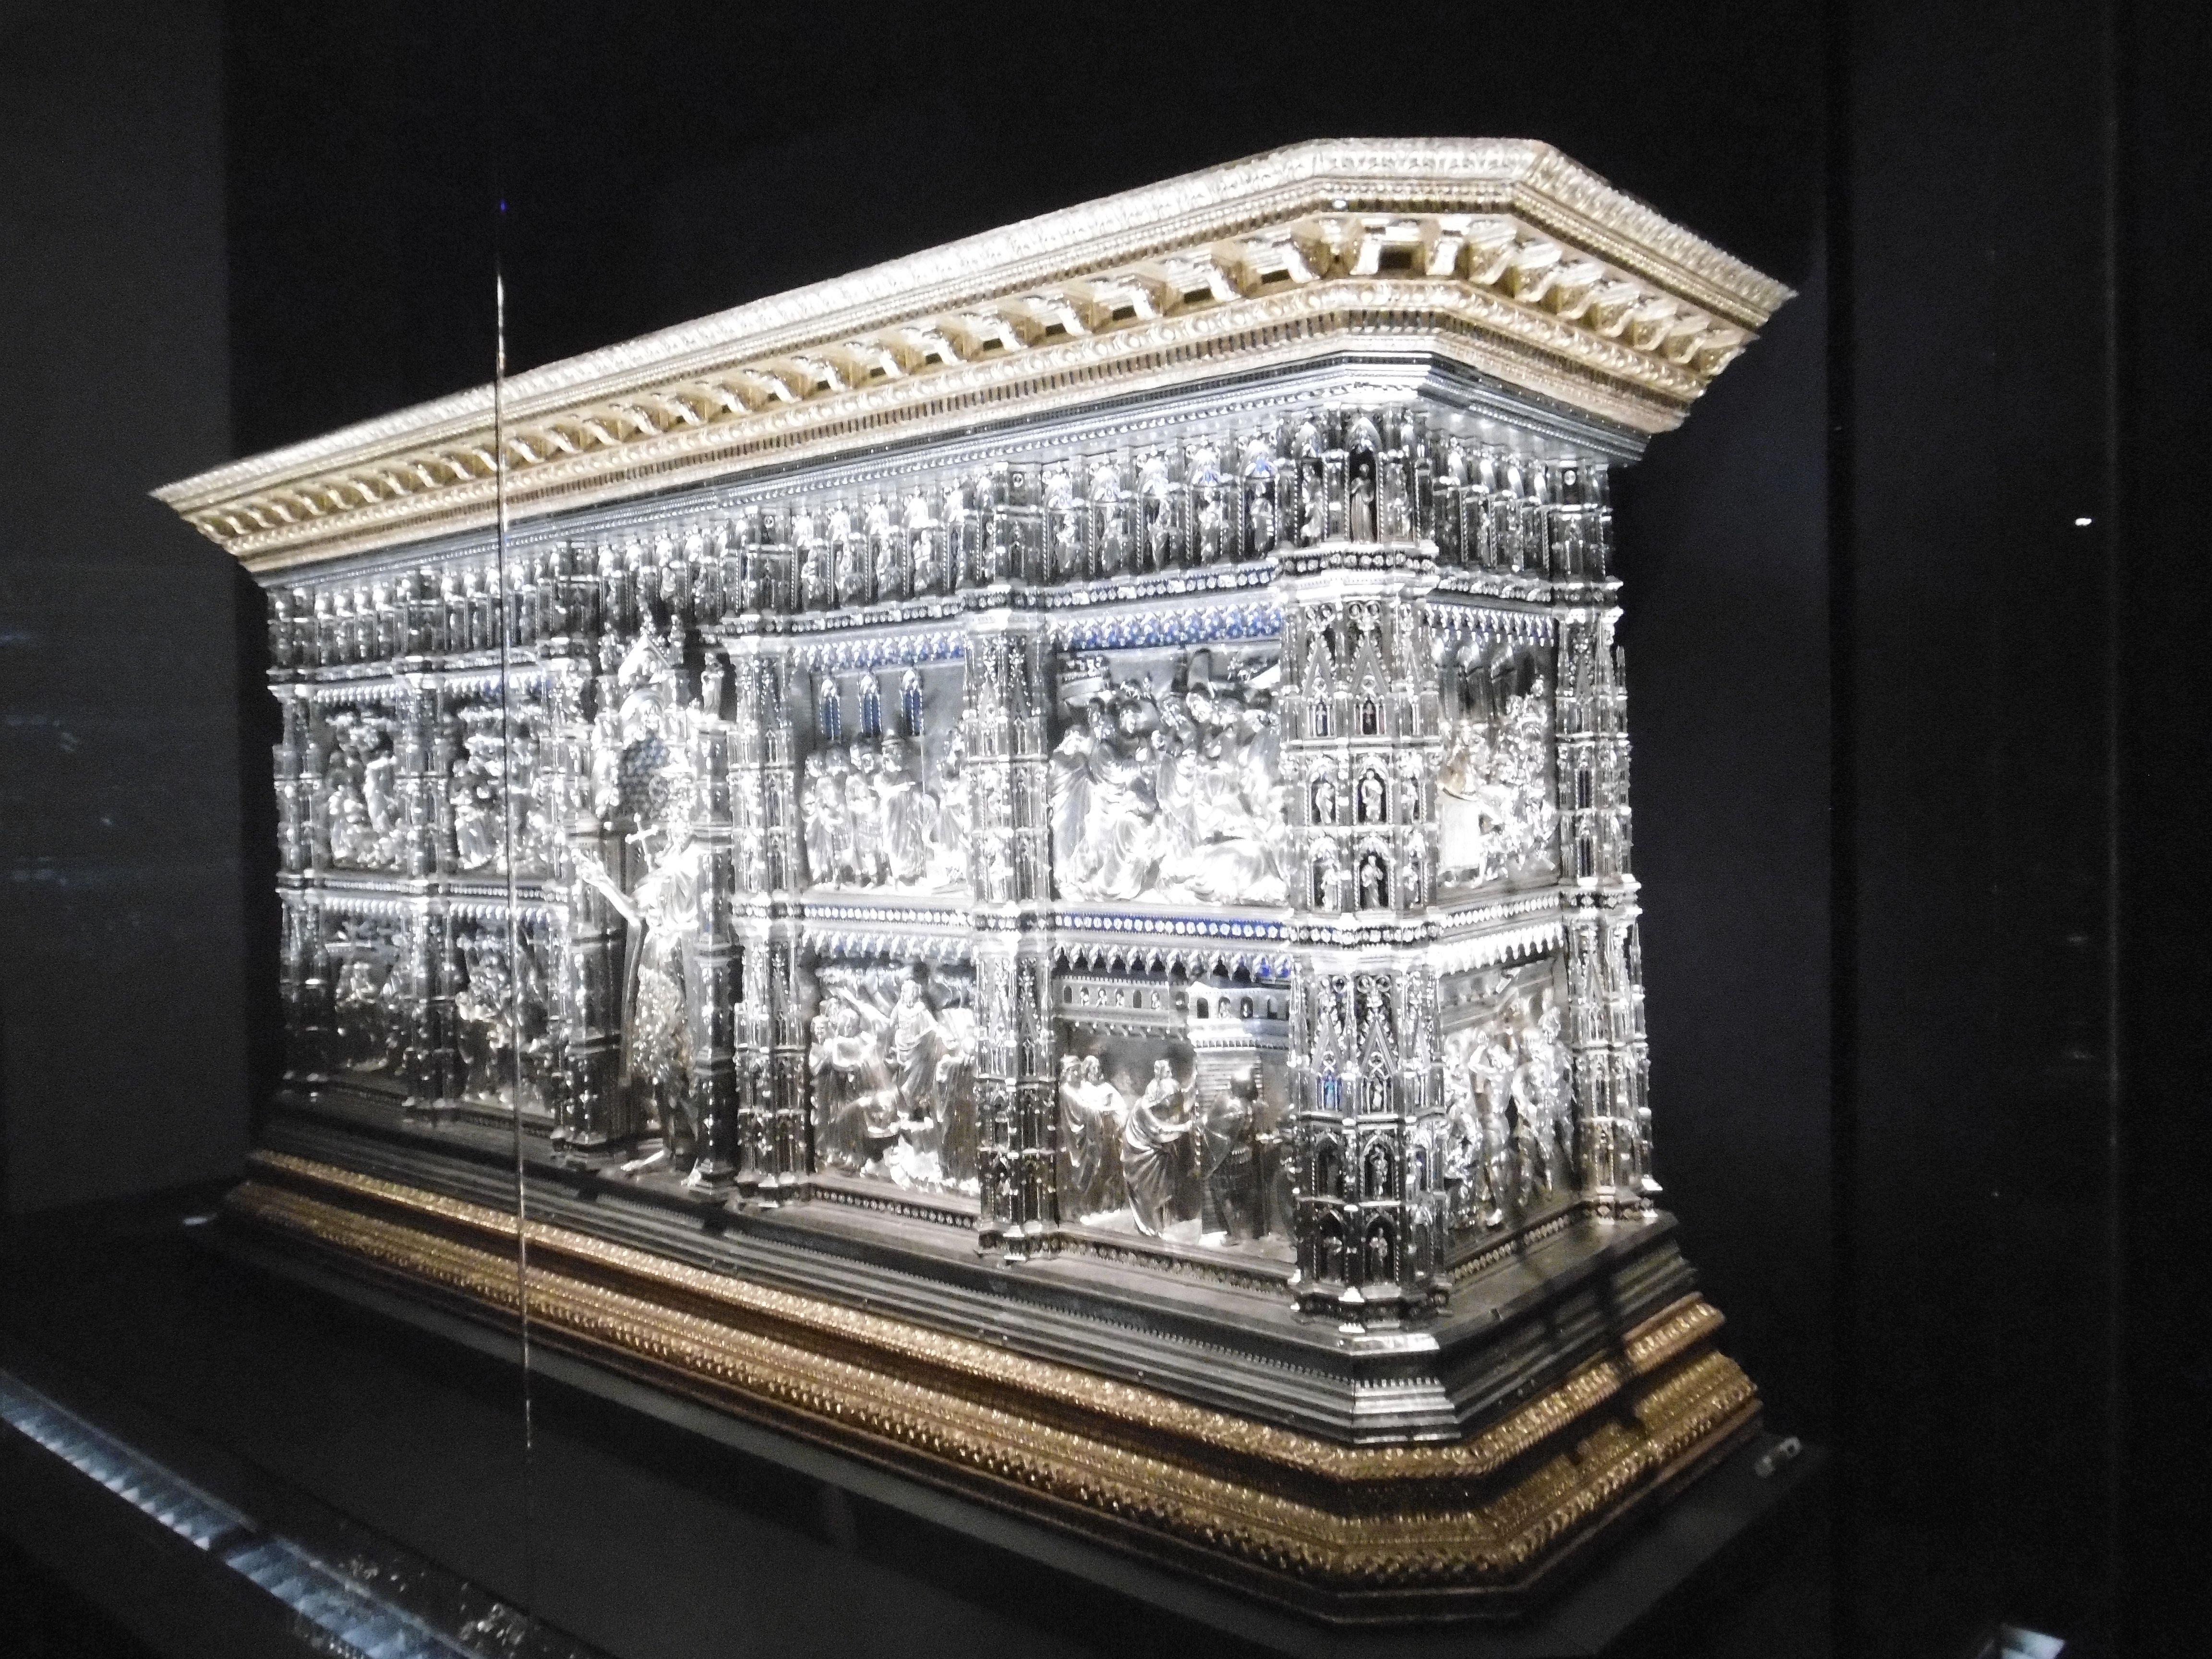 Firenze, Museo dell'Opera del Duomo. L'Altare in argento del Tesoro del Battistero di San Giovanni a Firenze, composto da circa 1500 pezzi, terminato nel 1483